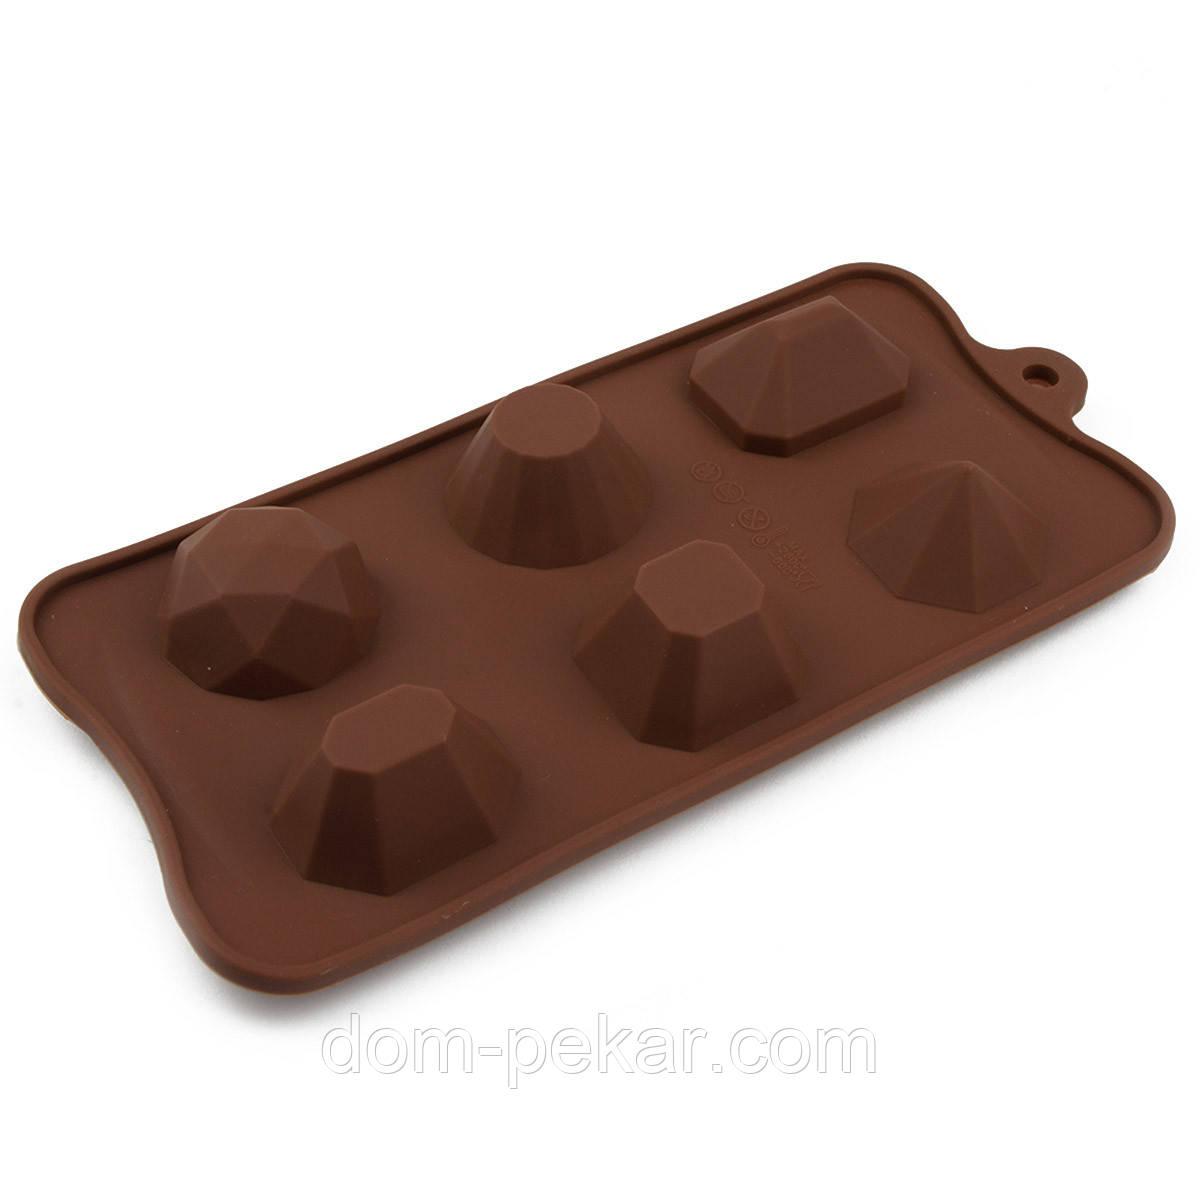 Форма для конфет силикон Драгоценные камни 6 шт